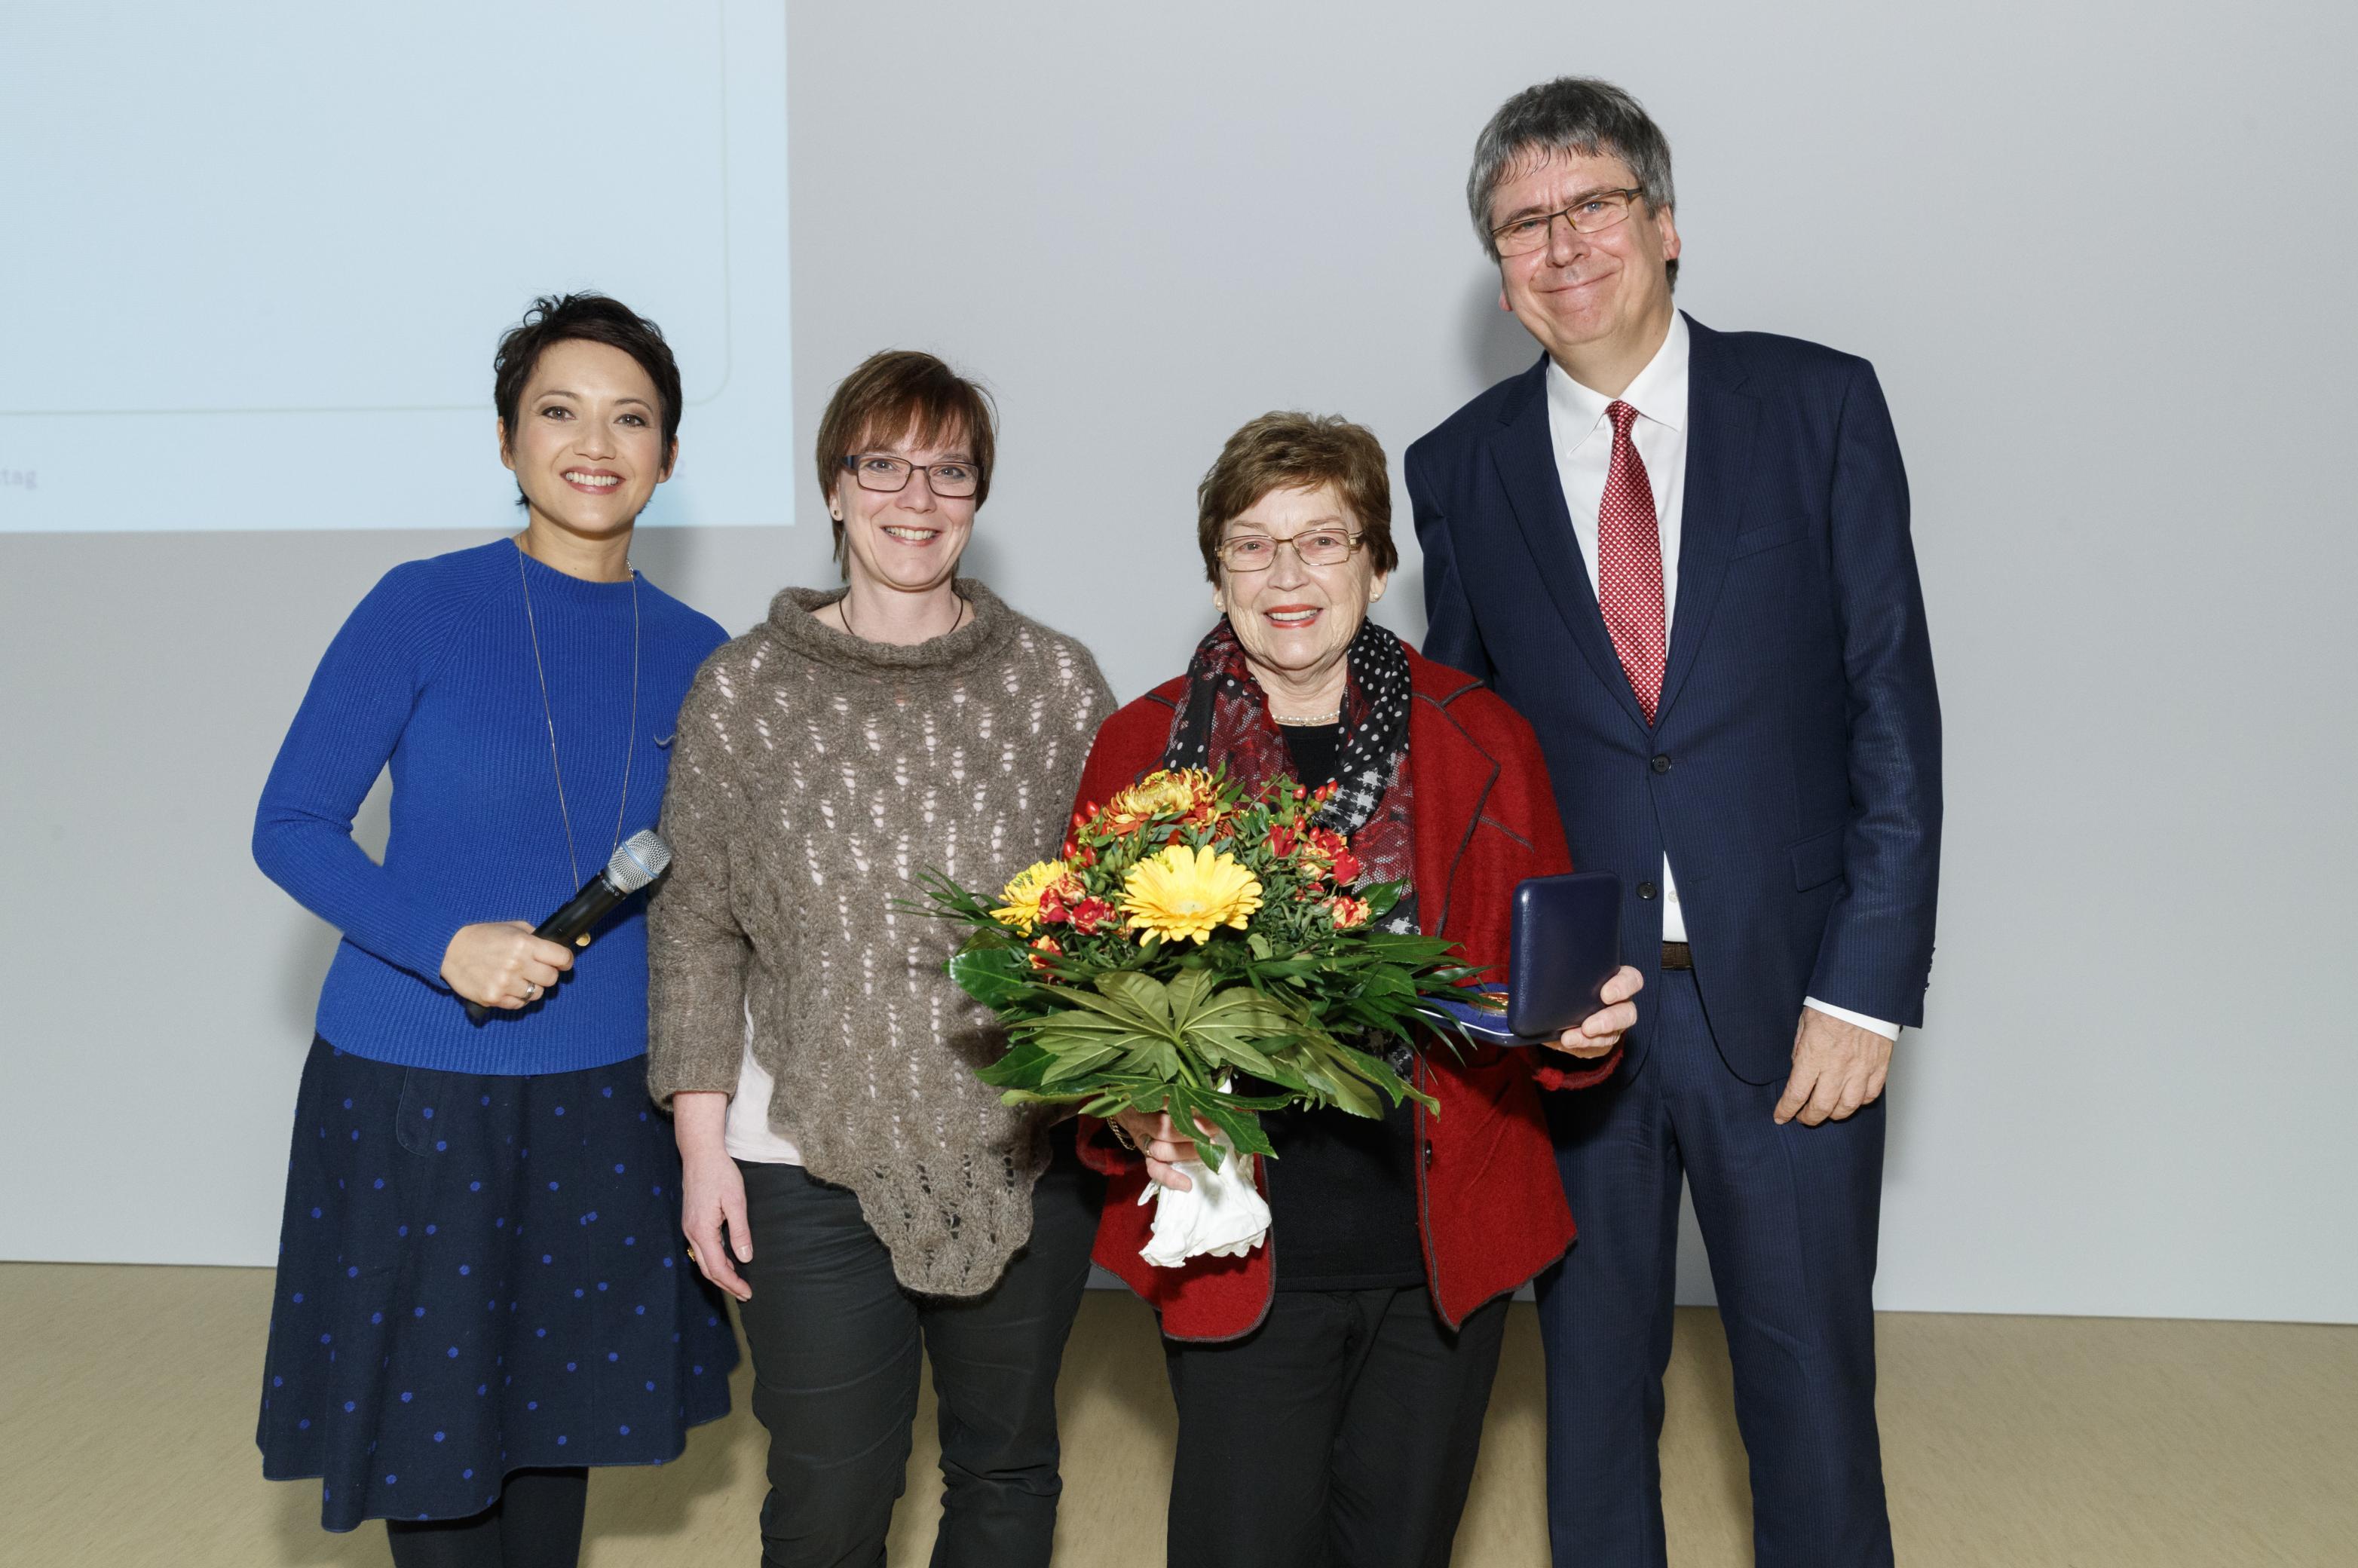 Die Mehnert-Medaille 2016 für ihr perfektes Selbstmanagement in 69 Jahren Diabetes geht an Ingrid Zimmer.